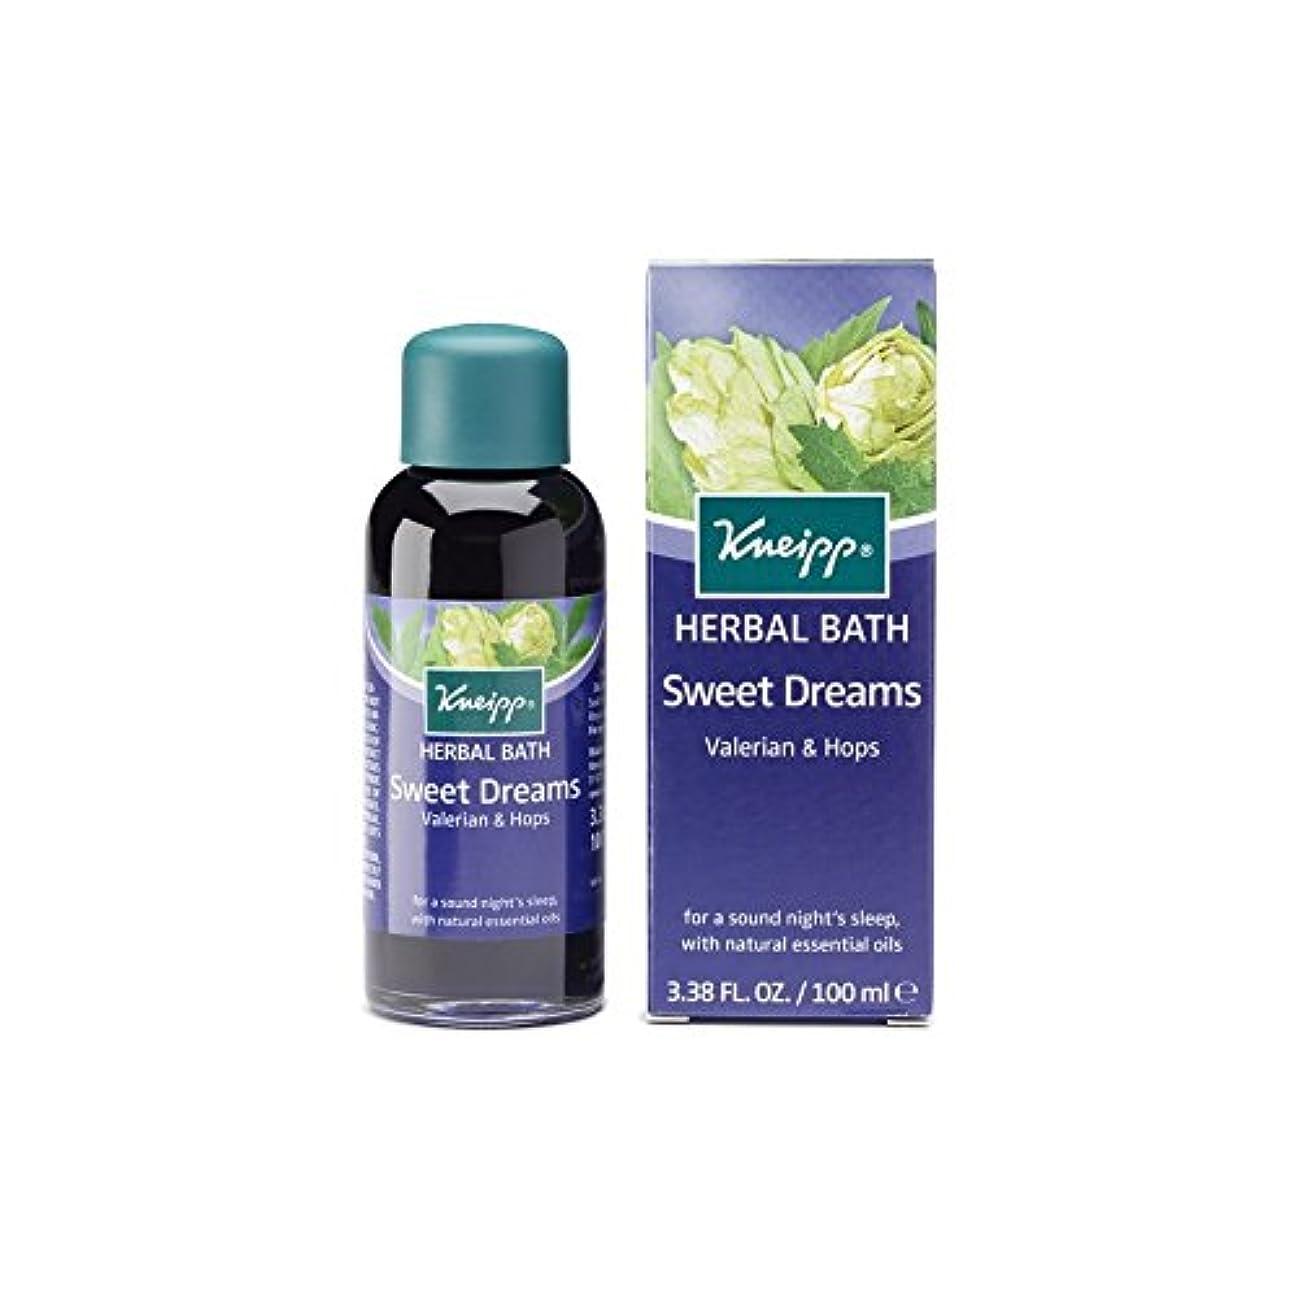 上級ジャングル視聴者クナイプ甘い夢ハーブカノコソウとバスオイル(100ミリリットル)をホップ x2 - Kneipp Sweet Dreams Herbal Valerian and Hops Bath Oil (100ml) (Pack of 2) [並行輸入品]